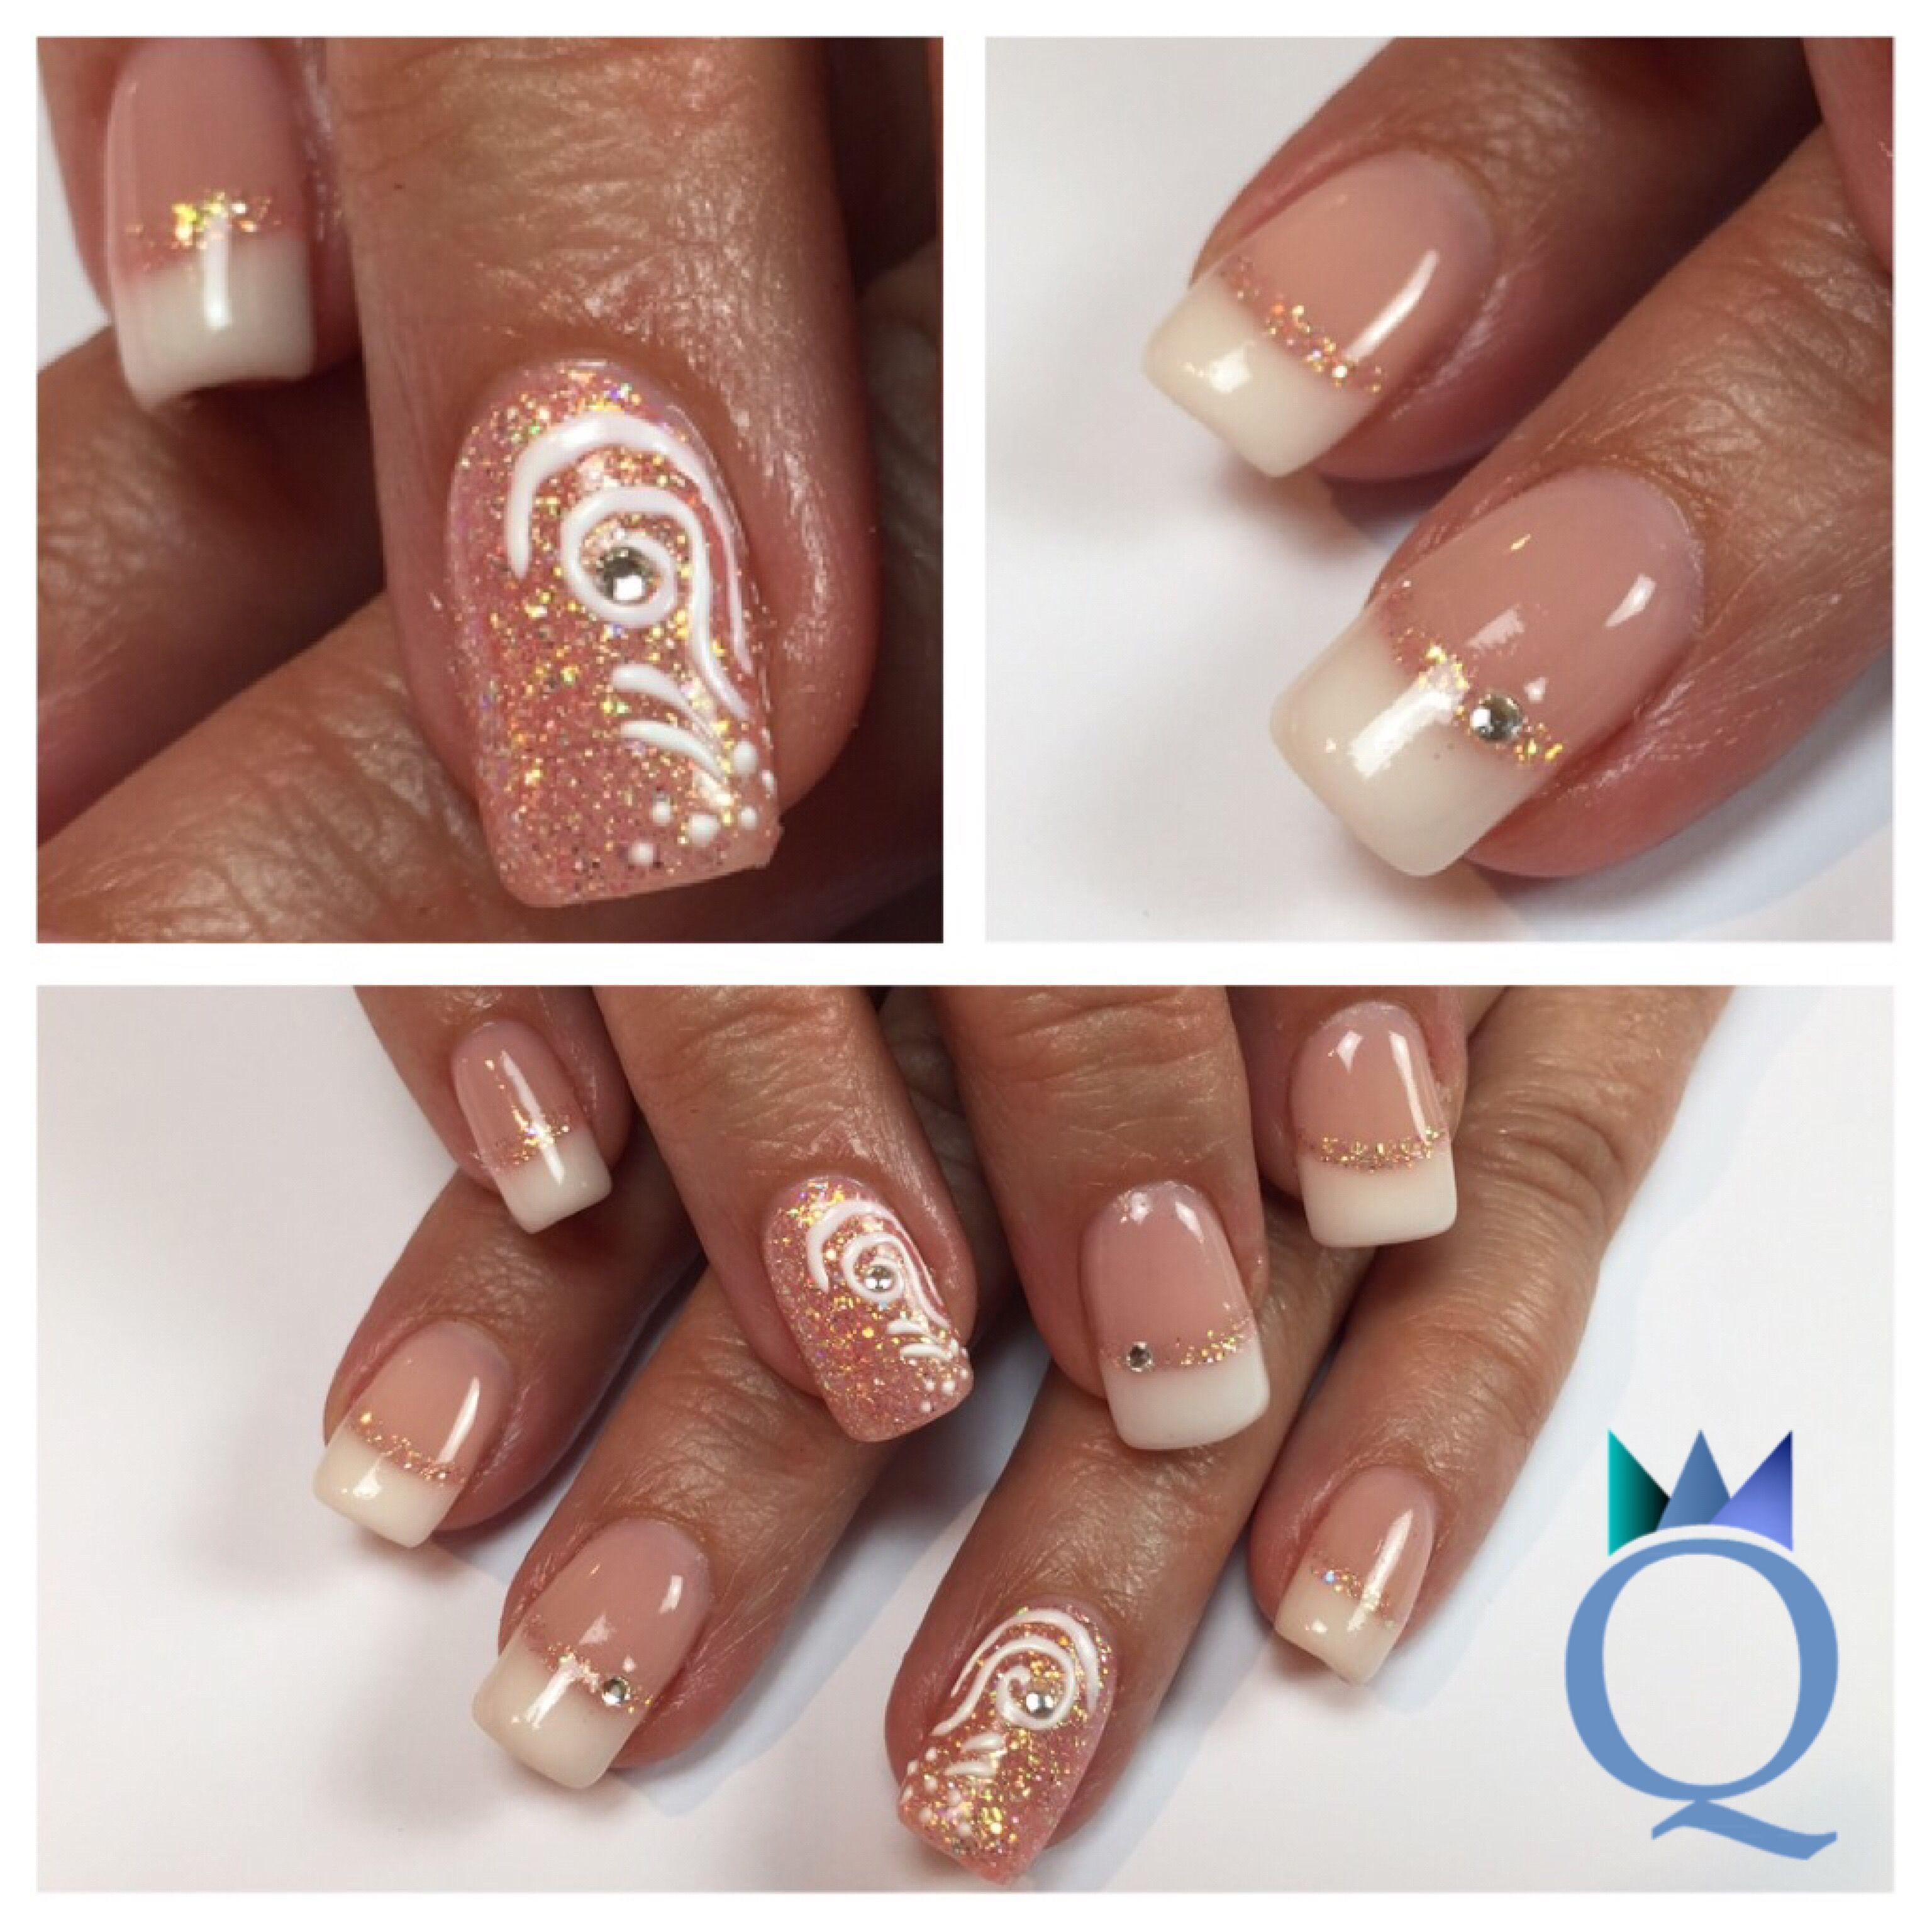 Beeindruckend Gelnägel Muster Das Beste Von #squarenails #gelnails #nails #frenchnails #yvesswiss #coral #glitter